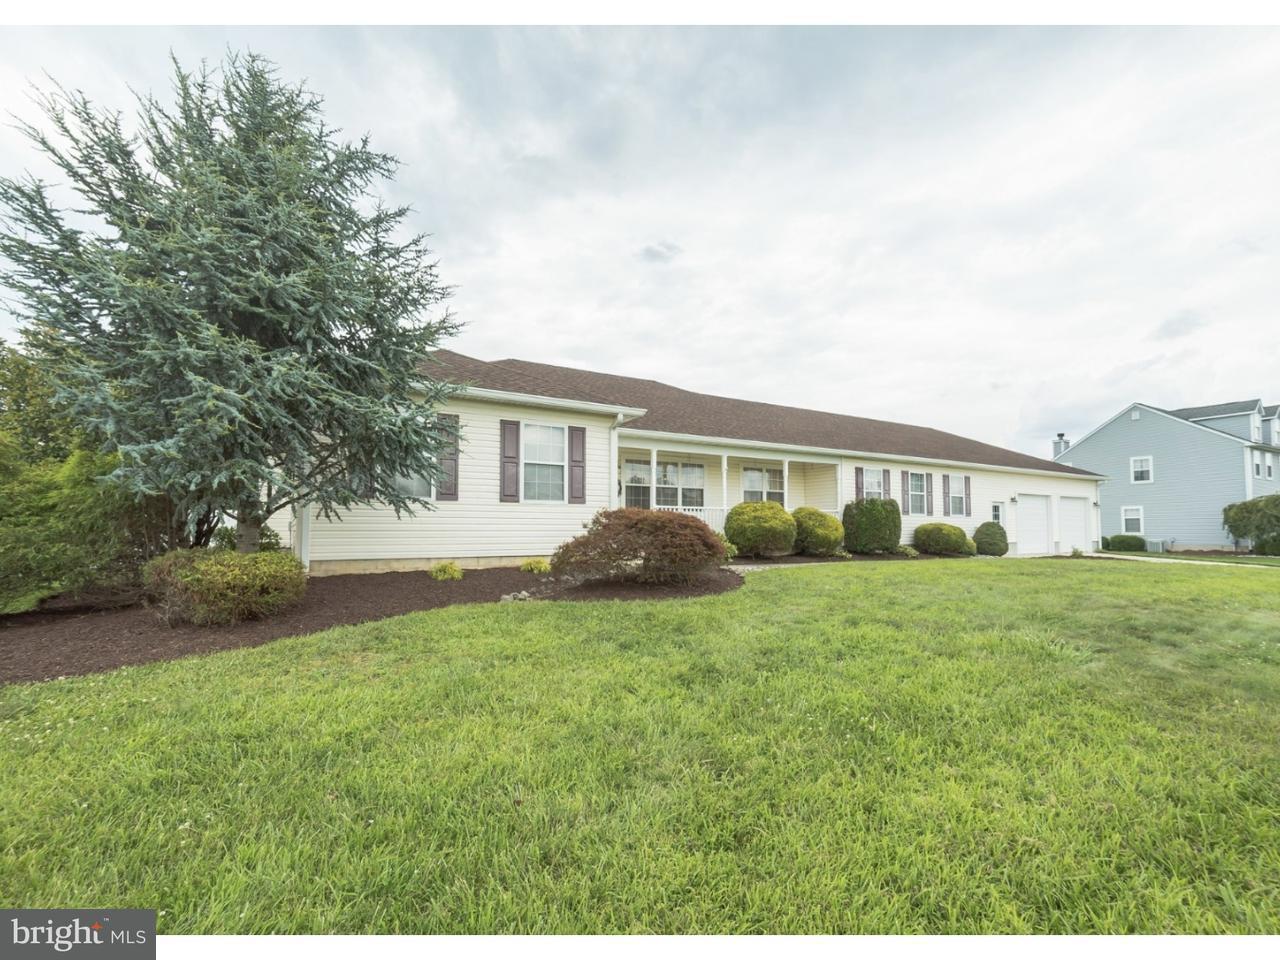 独户住宅 为 销售 在 21 TWO PENNY RUN Pilesgrove, 新泽西州 08098 美国